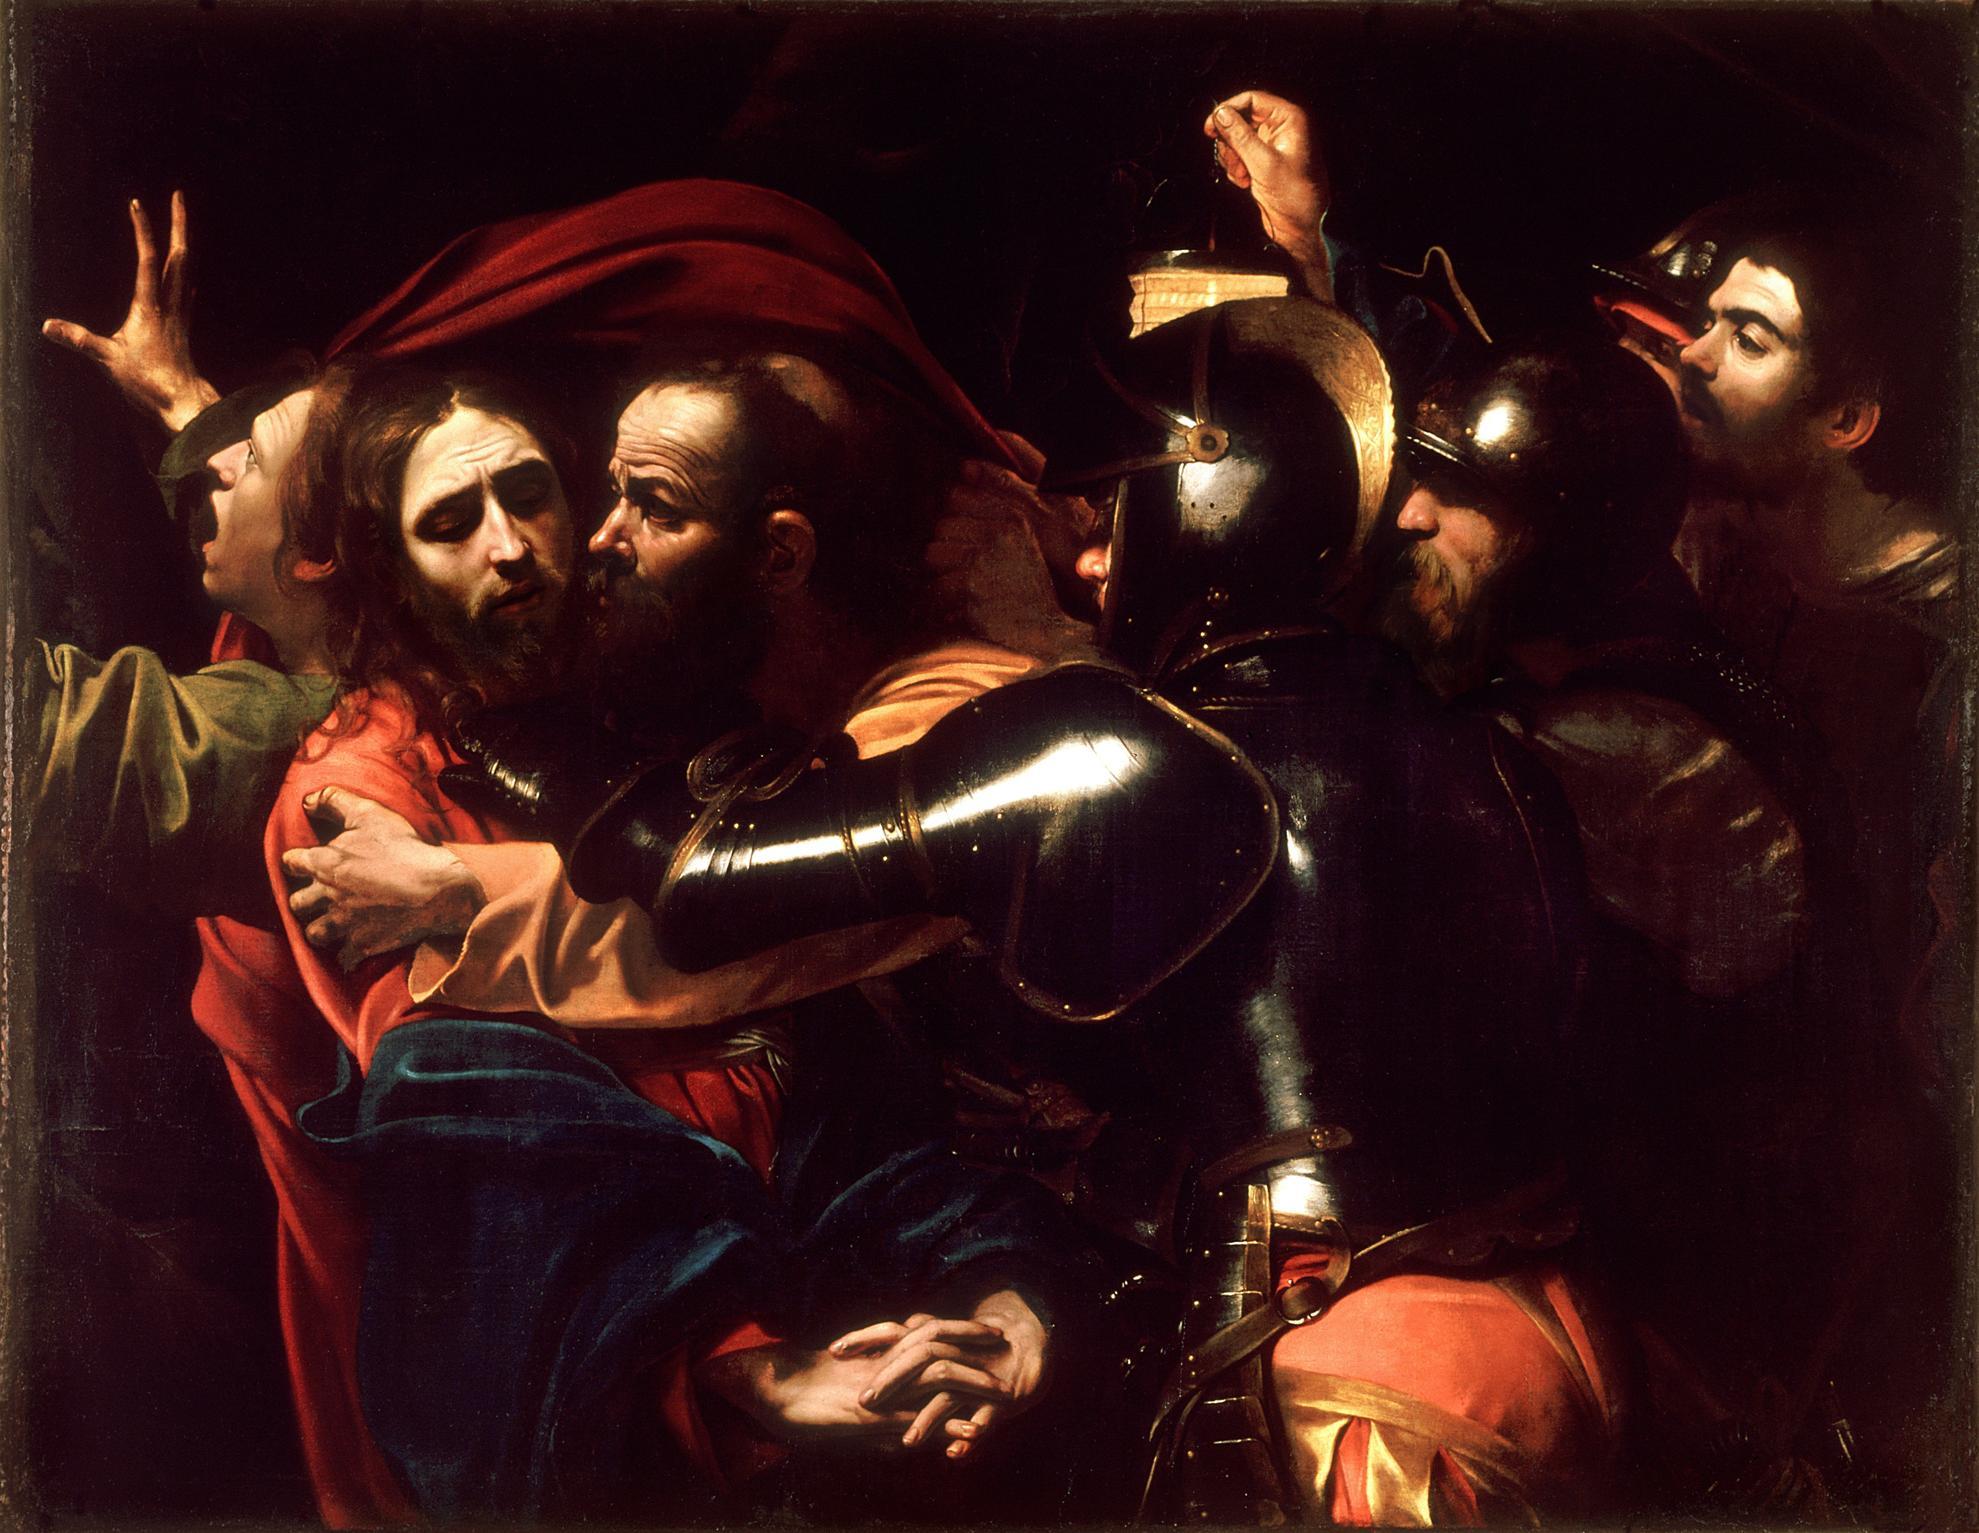 Prywatne życie arcydzieł BBC – Caravaggio, Pojmanie Chrystusa (lub Pocałunek Judasza), 1602, olej na płótnie, 133,5 x 169,5 cm